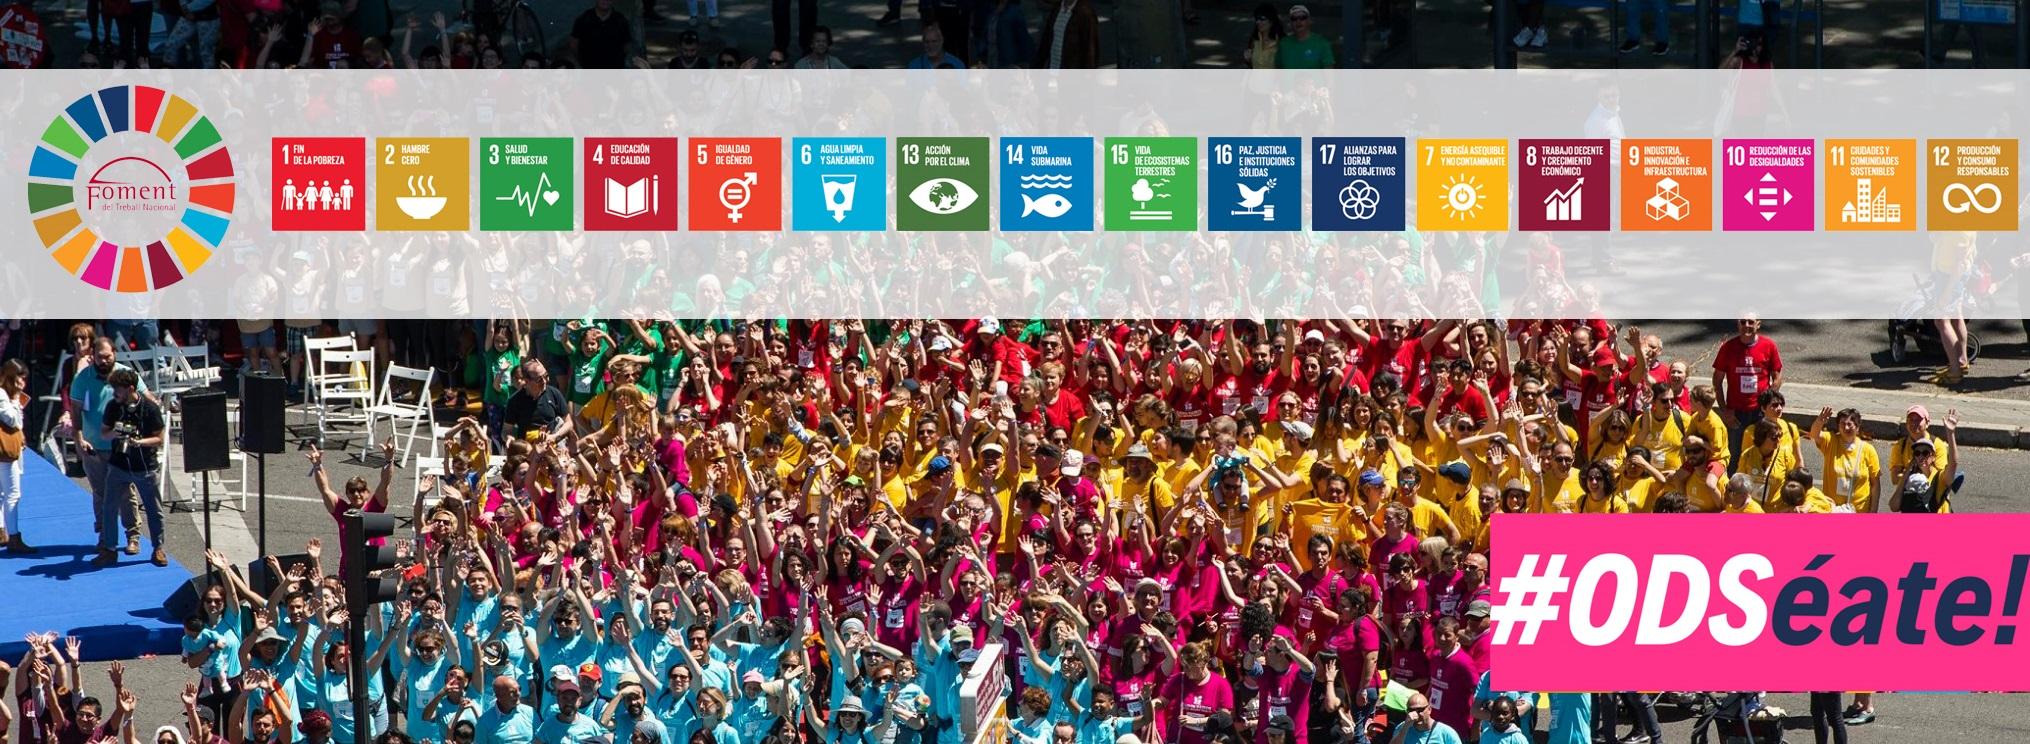 ODSéate! Cuarto aniversario de la adhesión de España a la Agenda 2030 de Desarrollo Sostenible de la Naciones Unidadas